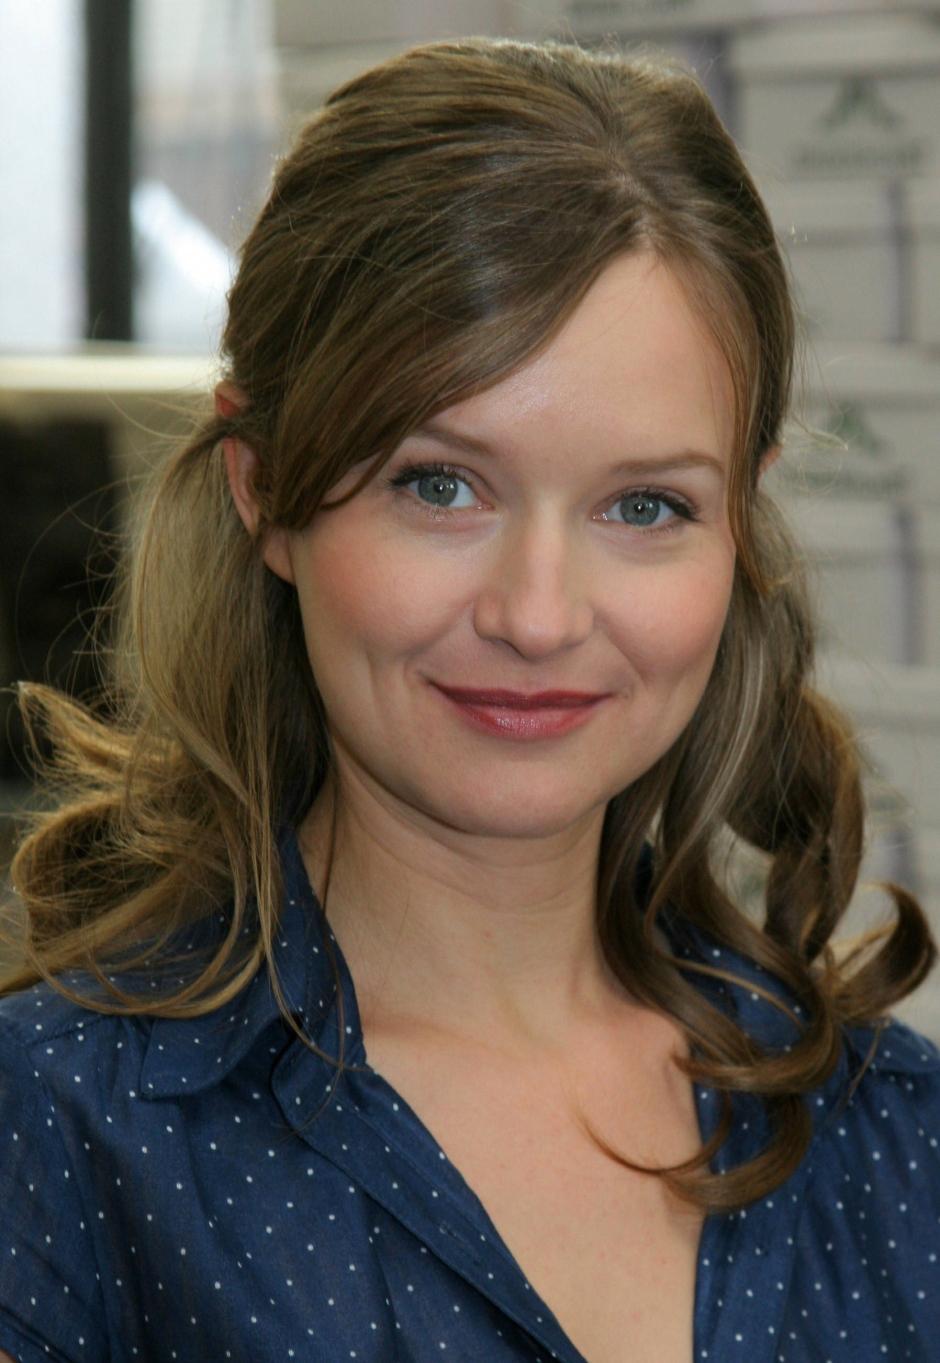 Stephanie Stappenbeck - la célébrité jolie, mignonne, de lorigine allemande dans 2021